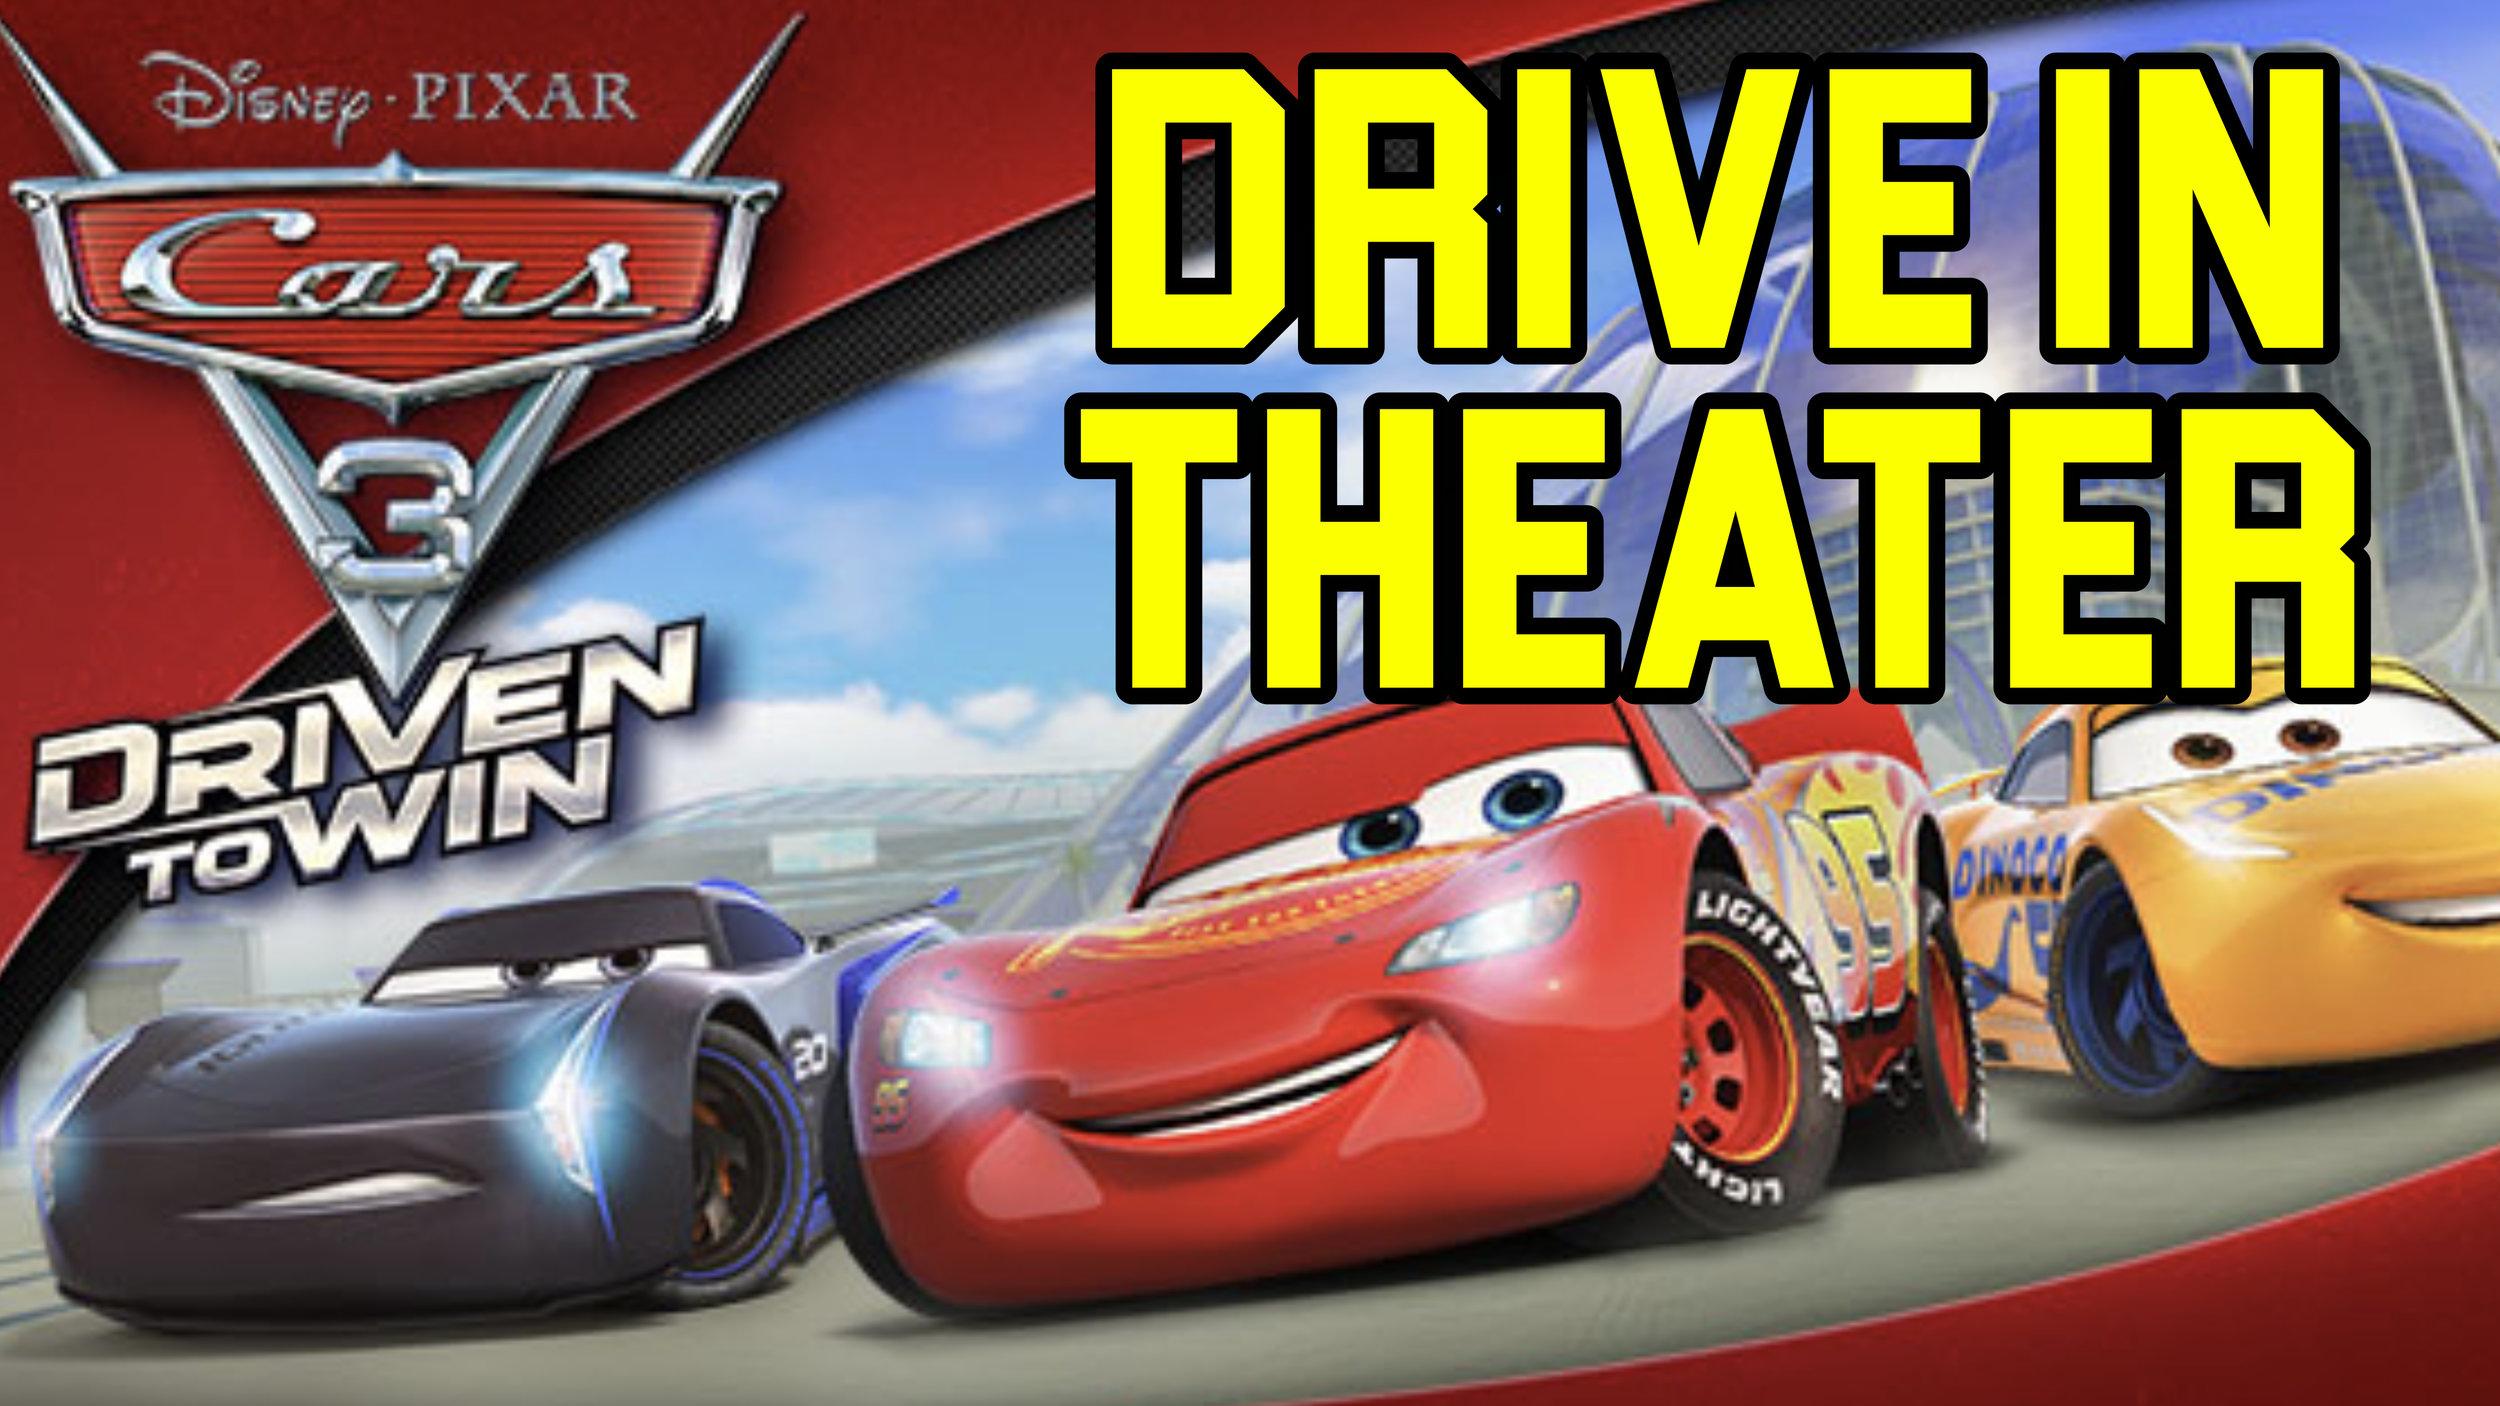 Cars Drive in Promo.jpg